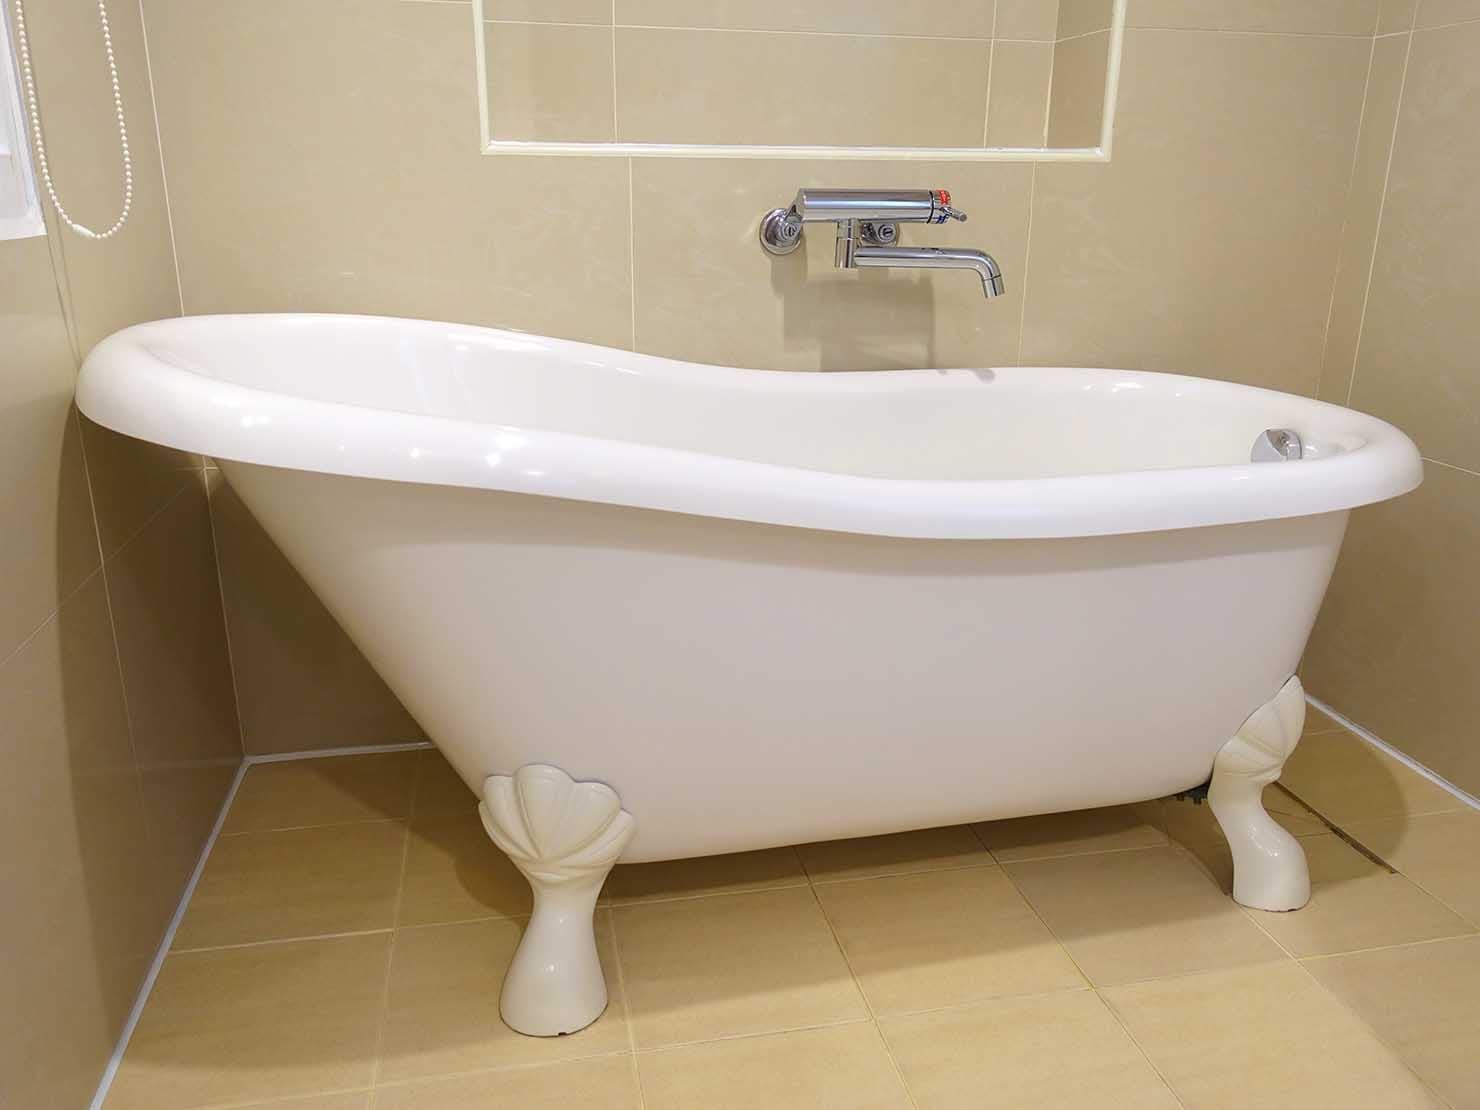 高雄のおすすめチェーンホテル「康橋商旅 Kindness Hotel(漢神館)」豪華雙人房バスルームのバスタブ